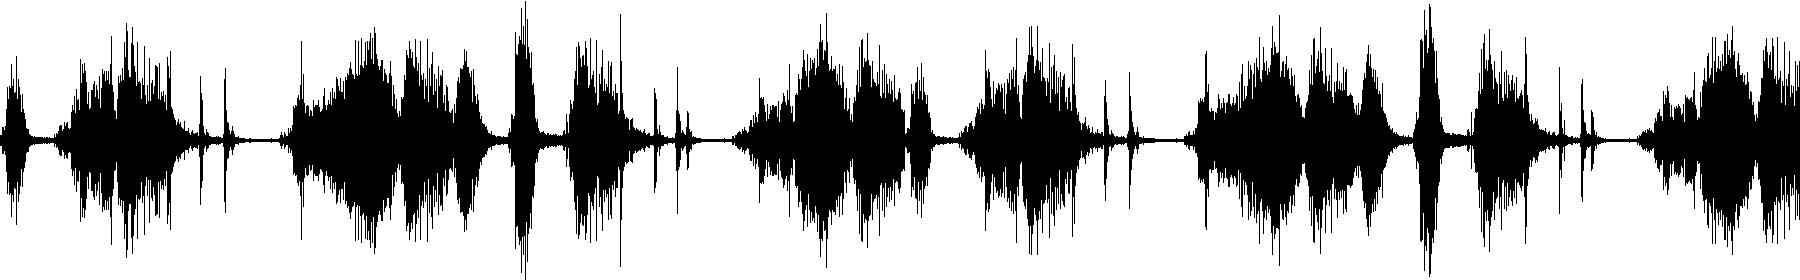 ehp percloop 130 15